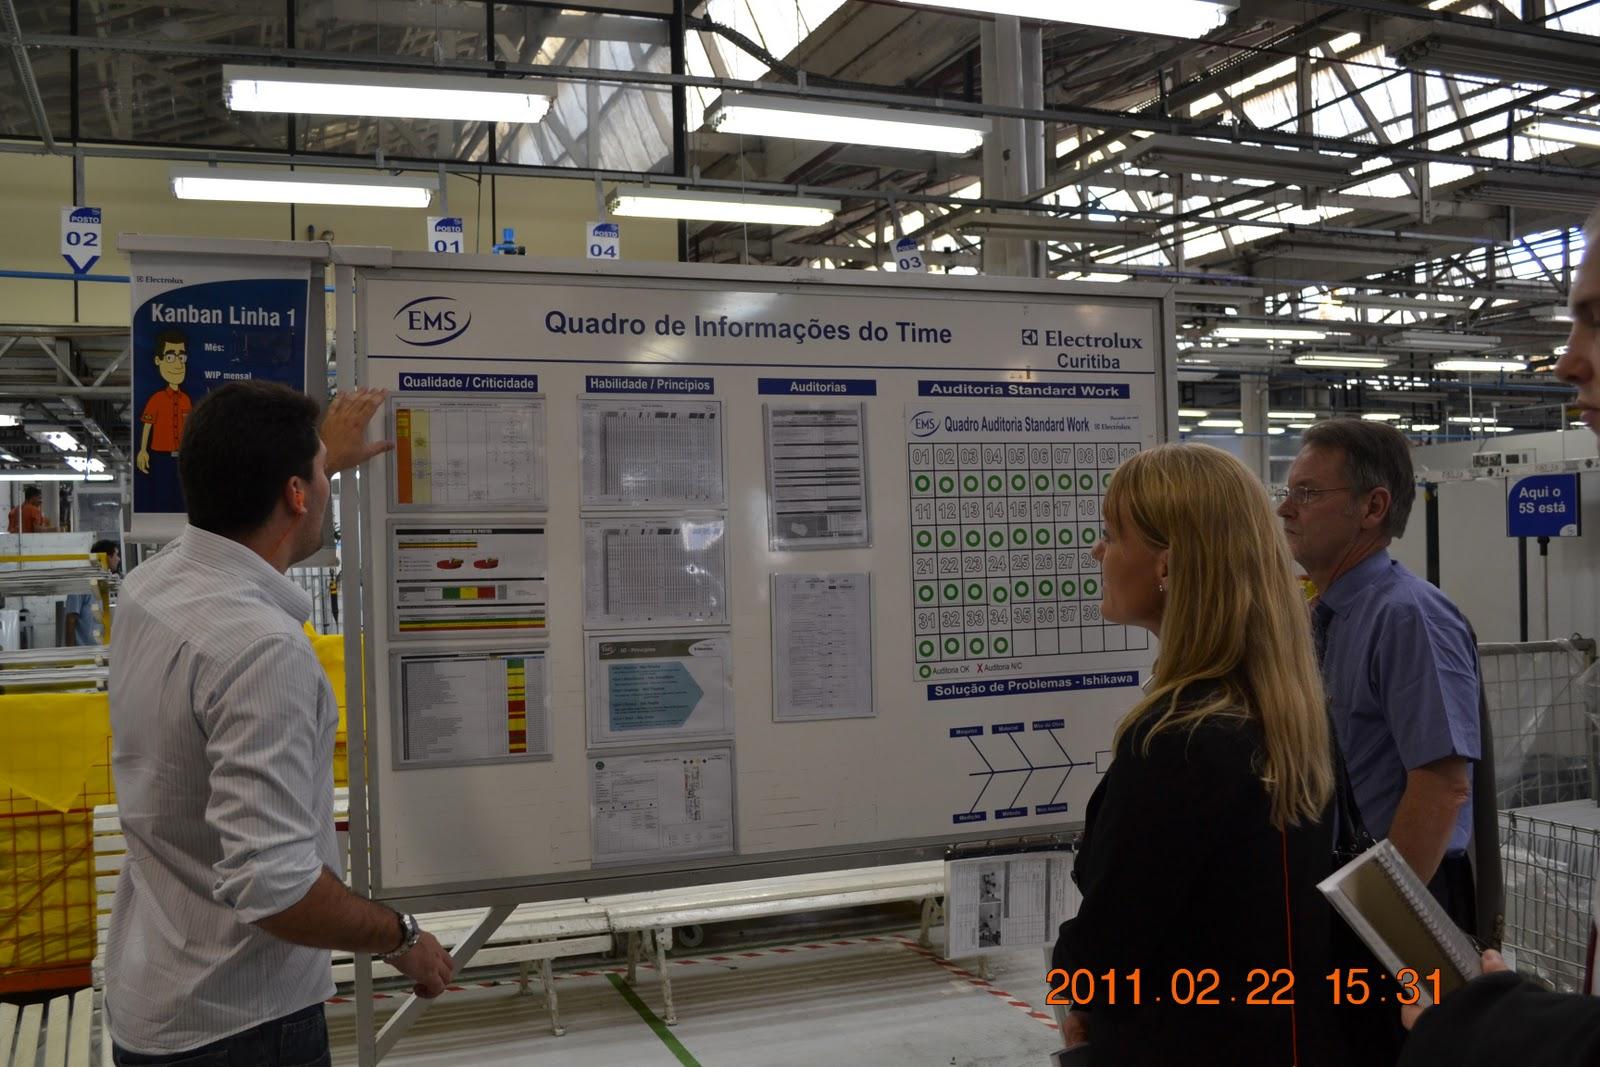 Padok Brasilien Visit At Electrolux In Curitiba 20110222